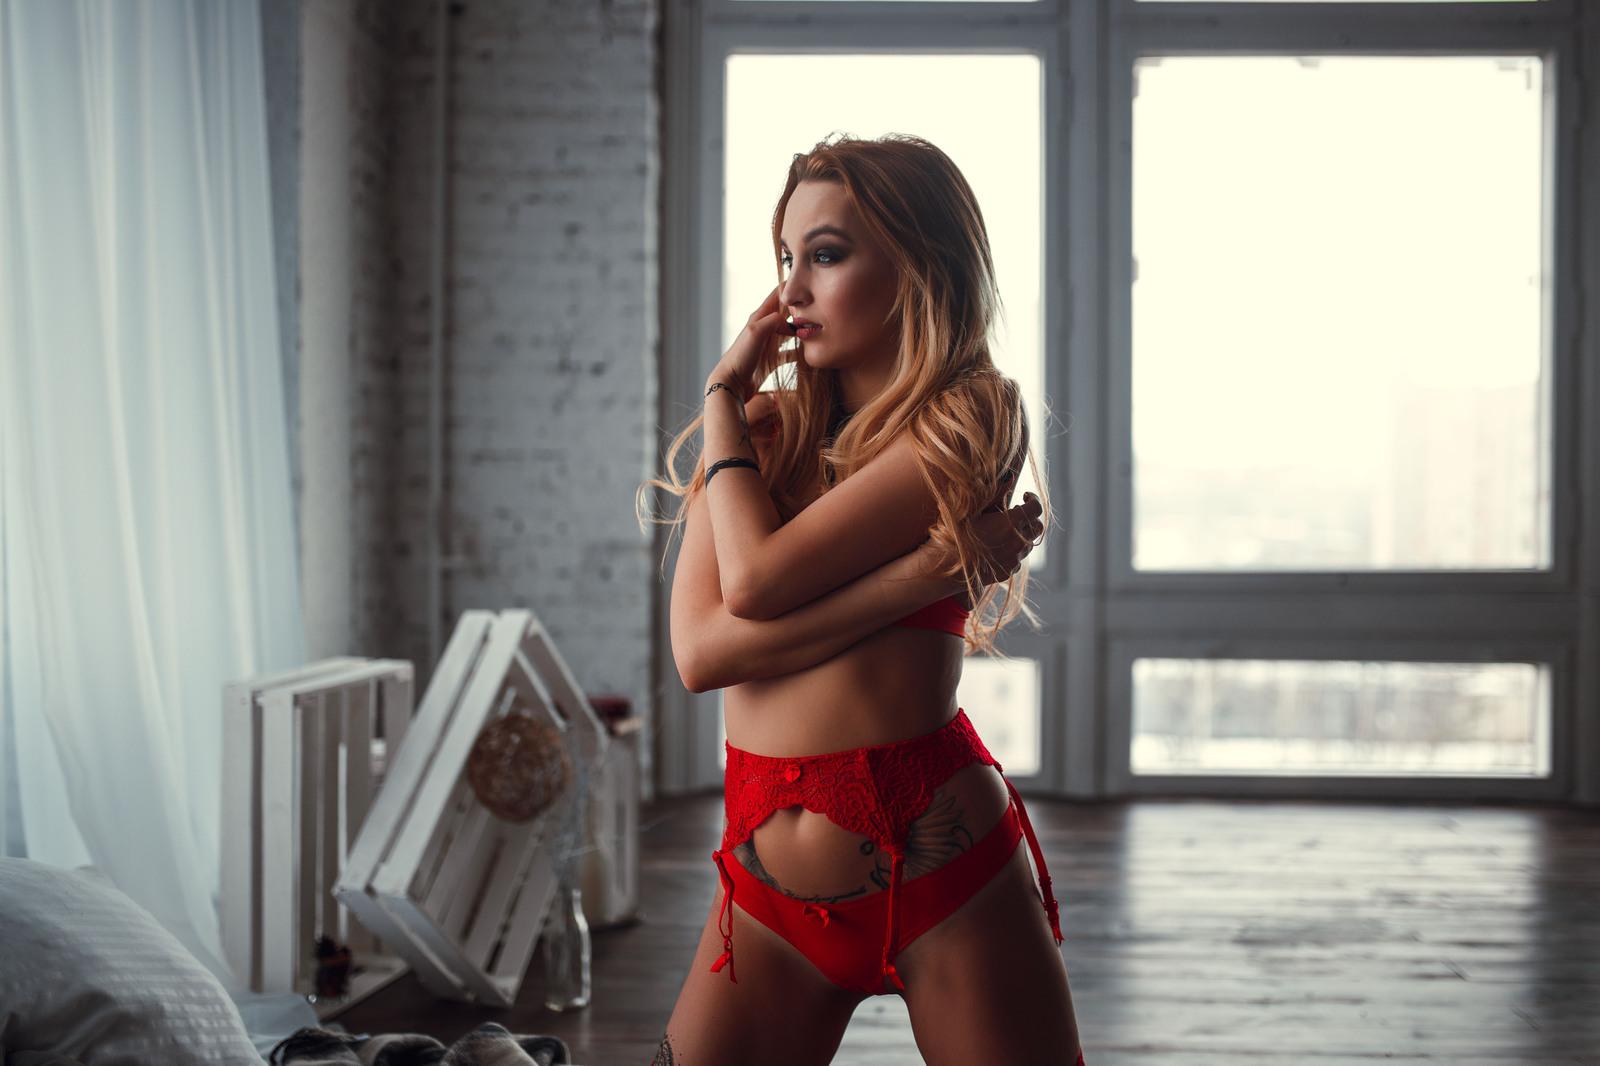 Красивые девушки в красном белье фото, конкурс кто глубже сосет